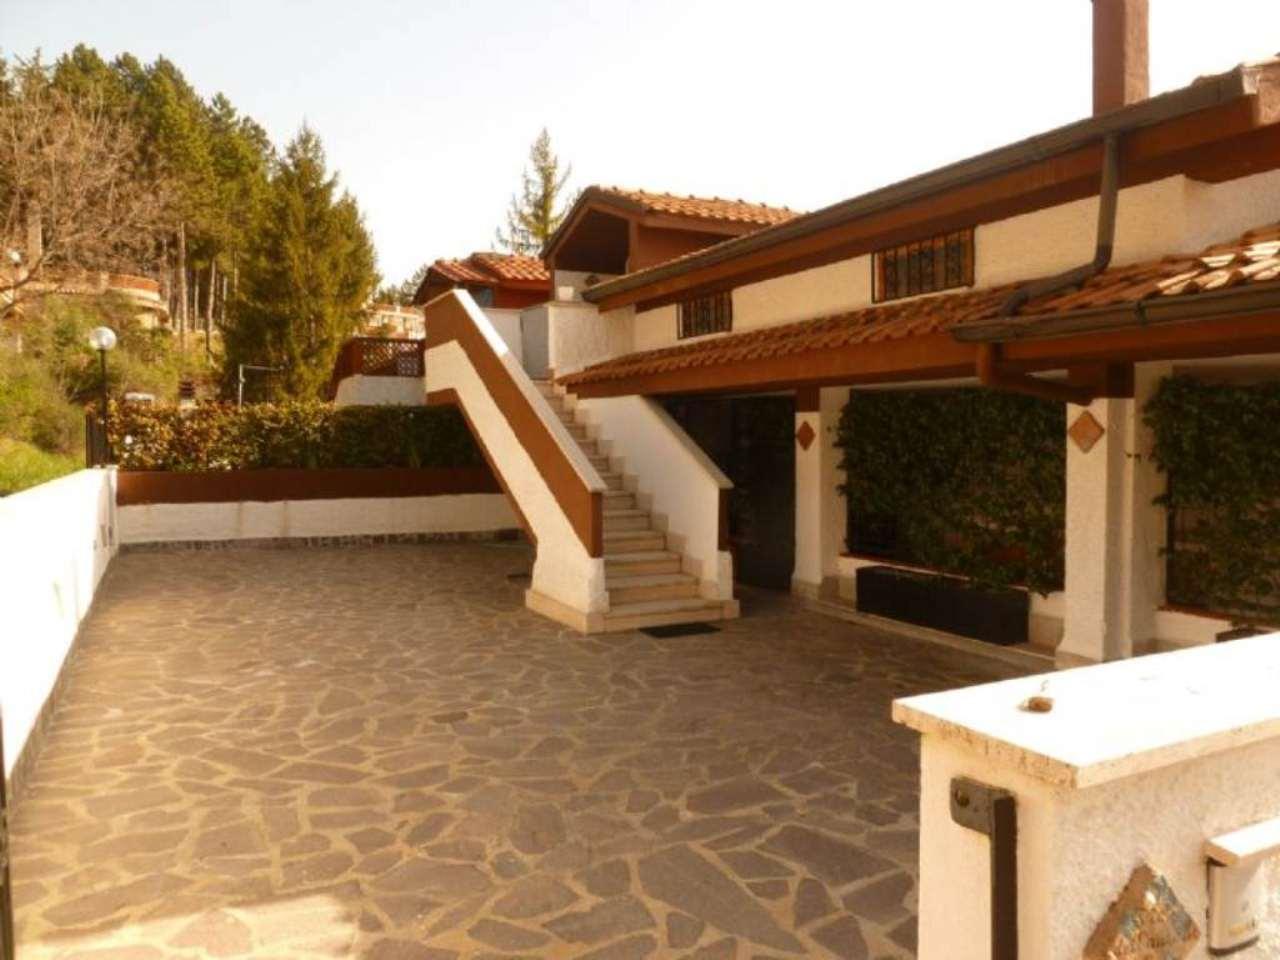 Appartamento in vendita a Vallinfreda, 3 locali, prezzo € 55.000 | CambioCasa.it